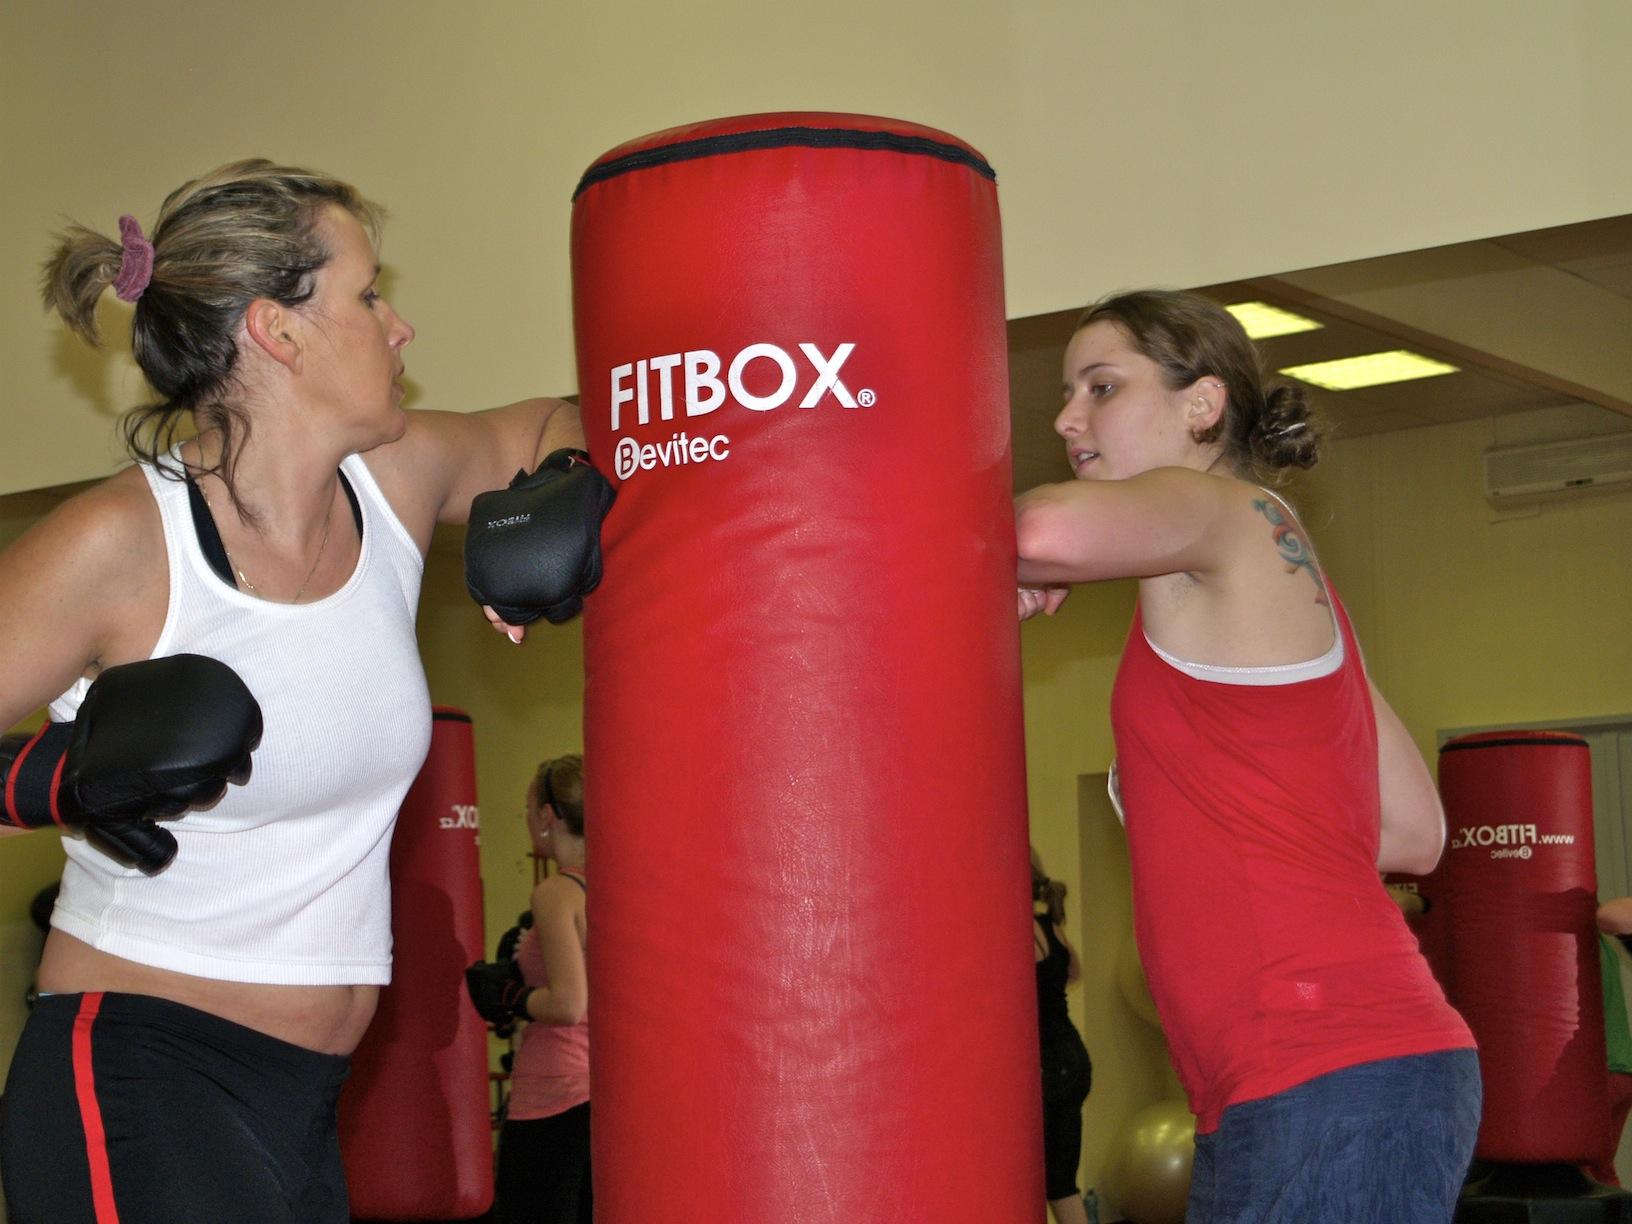 Фитбокс фитбоксинг fitbox что это такое преимущества и недостатки